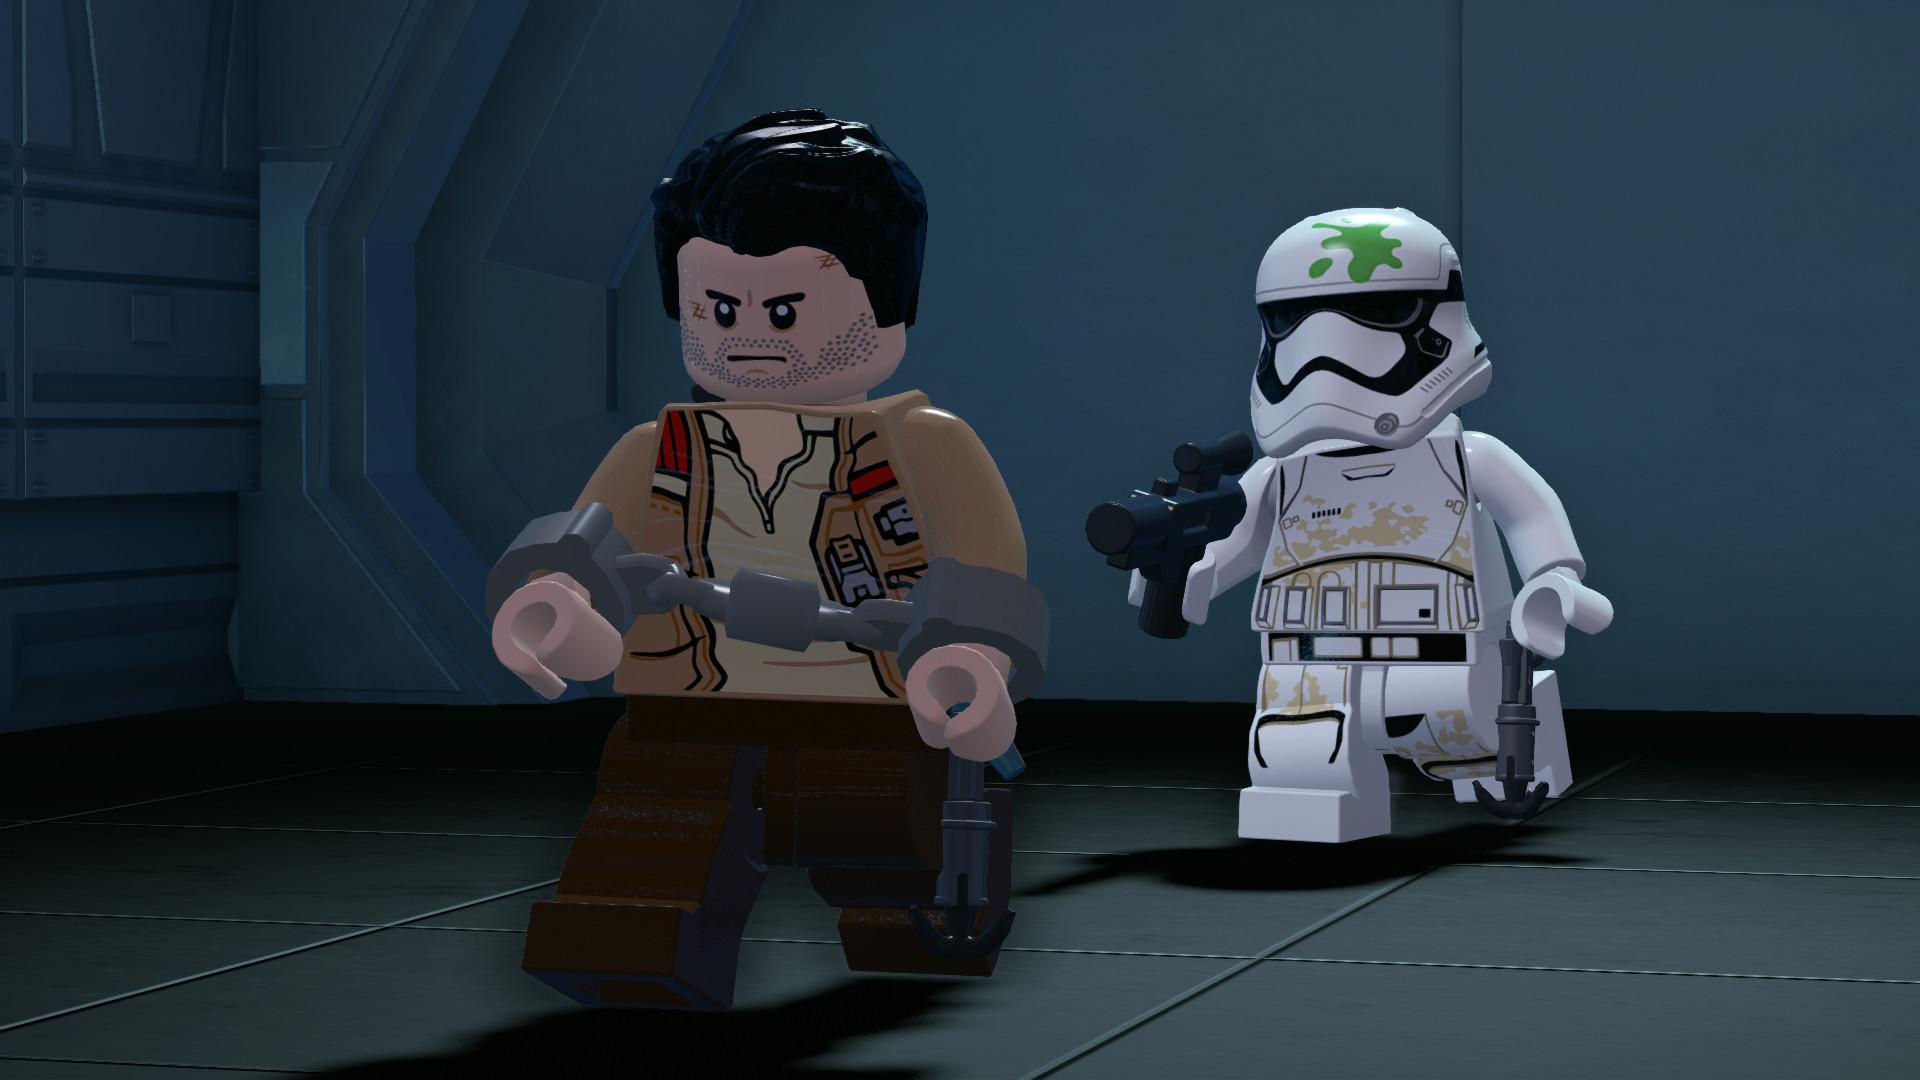 Lego star wars 2 скачать торрент бесплатно на pc.